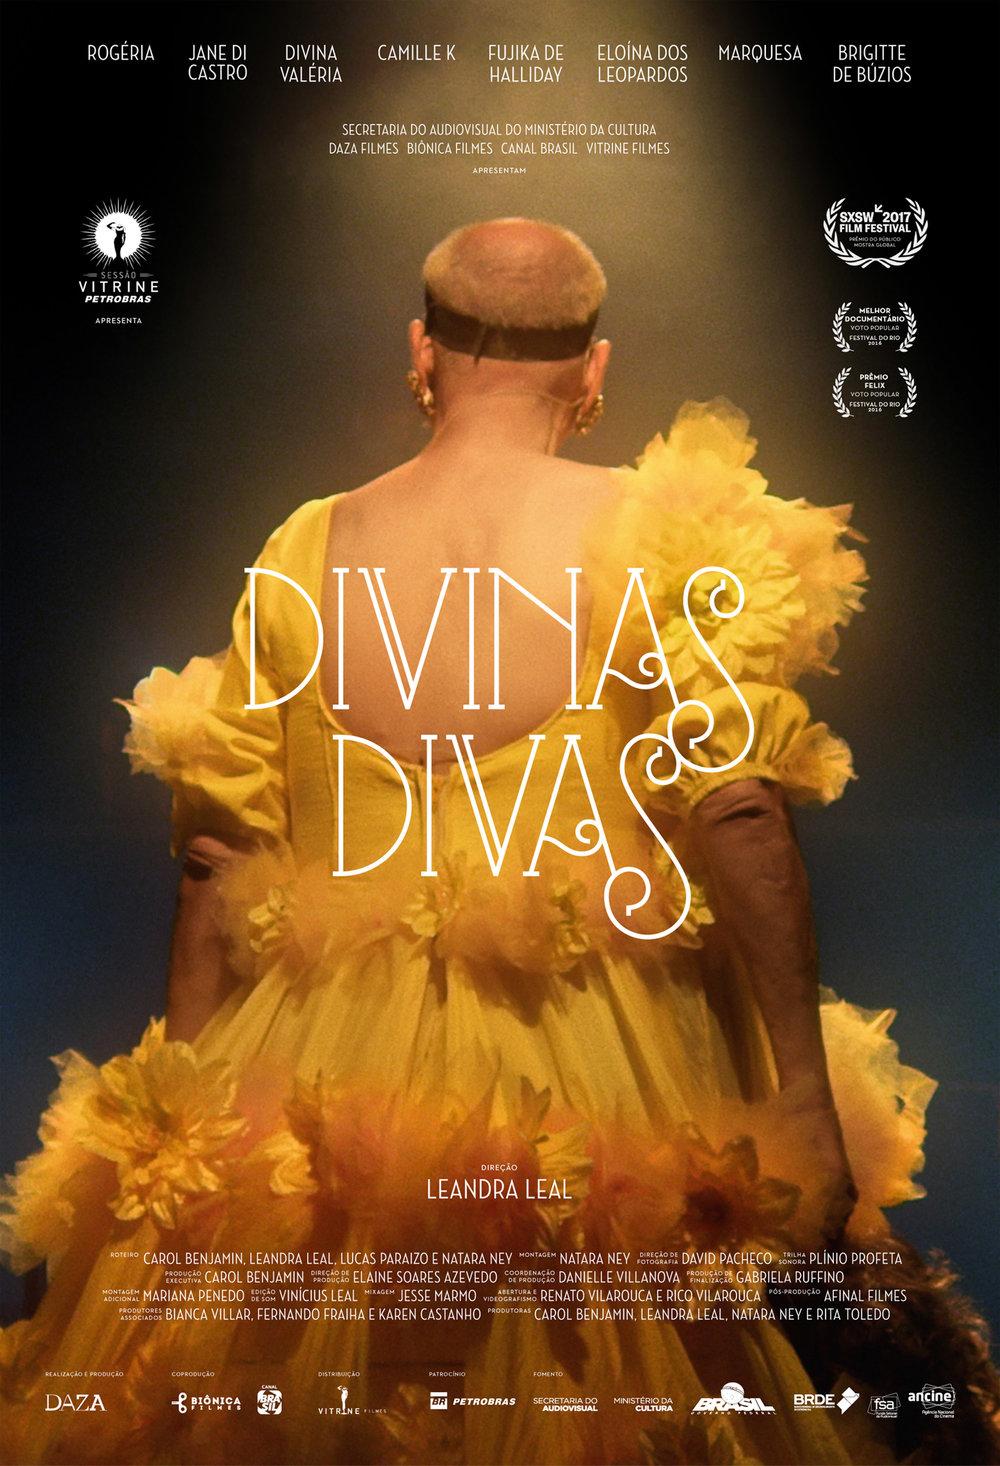 divinas_cartaz_final.jpg